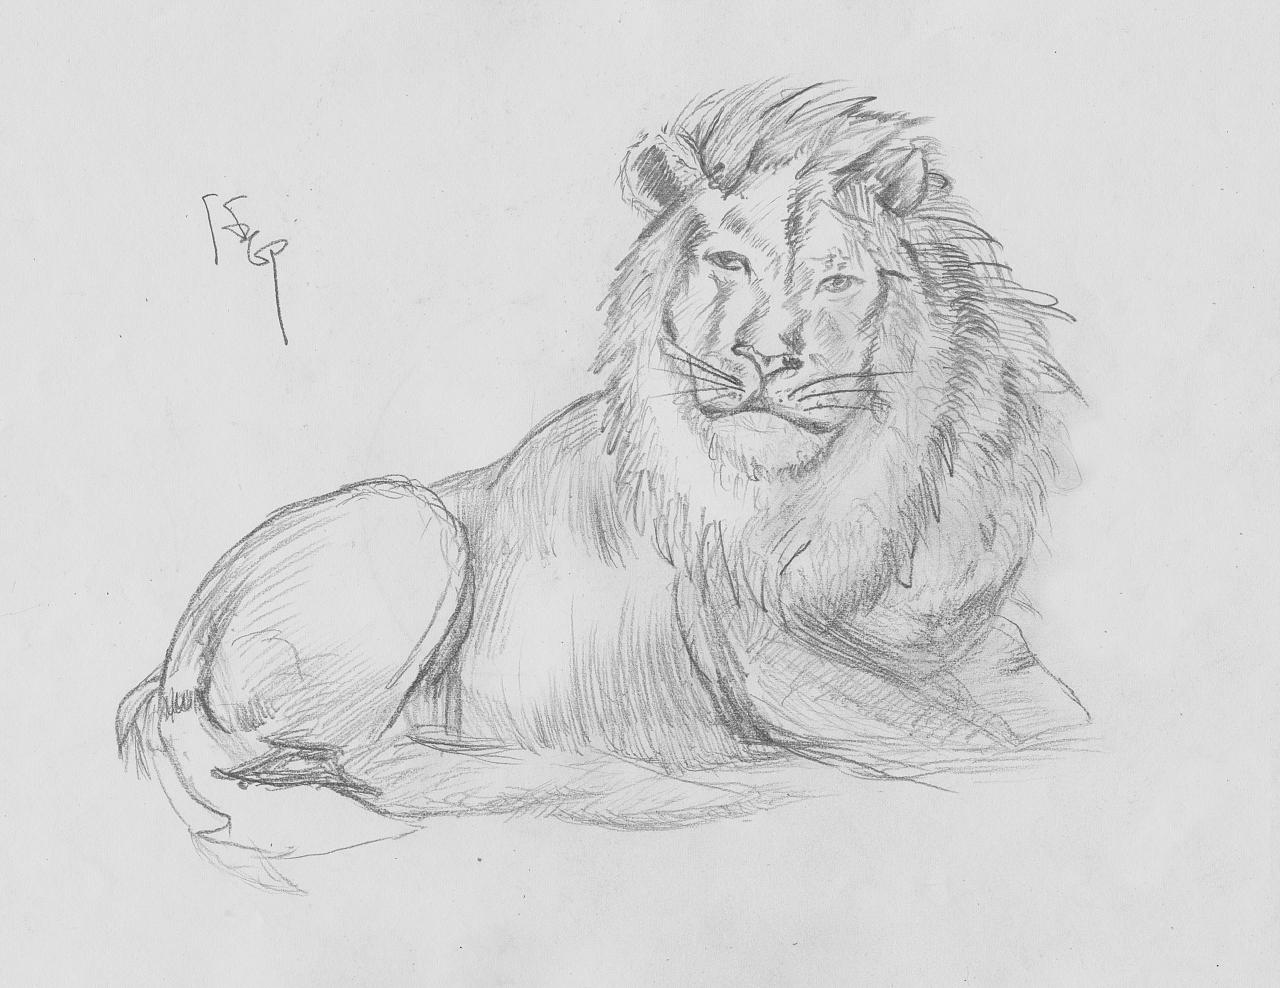 素描手绘狮子